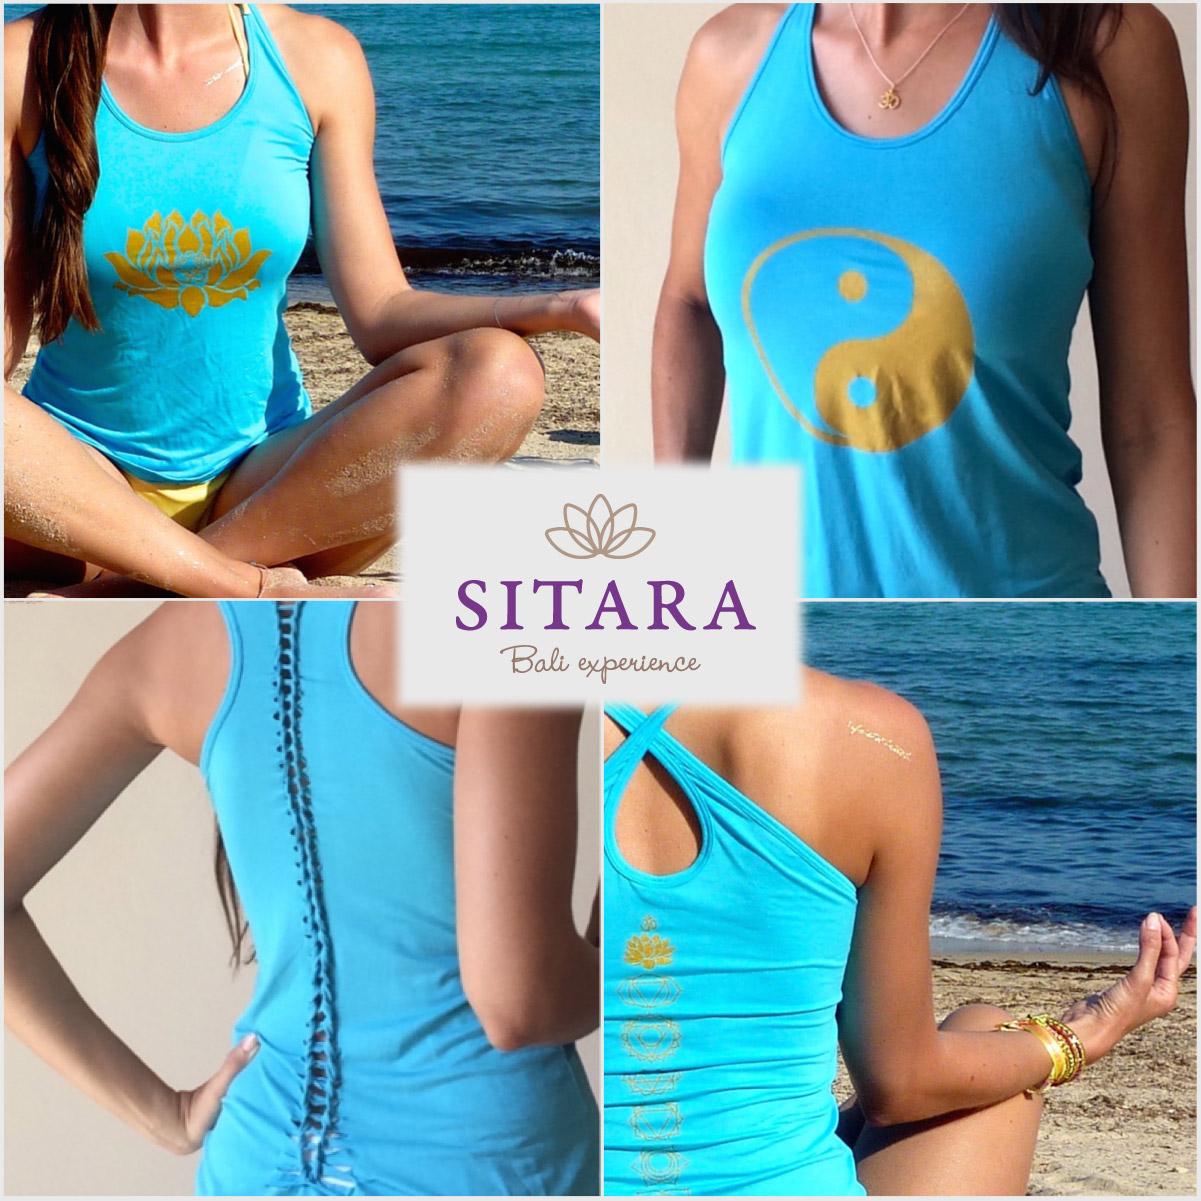 Oblečení na jógu Sitara pochází přímo z krásného ostrova Bali.